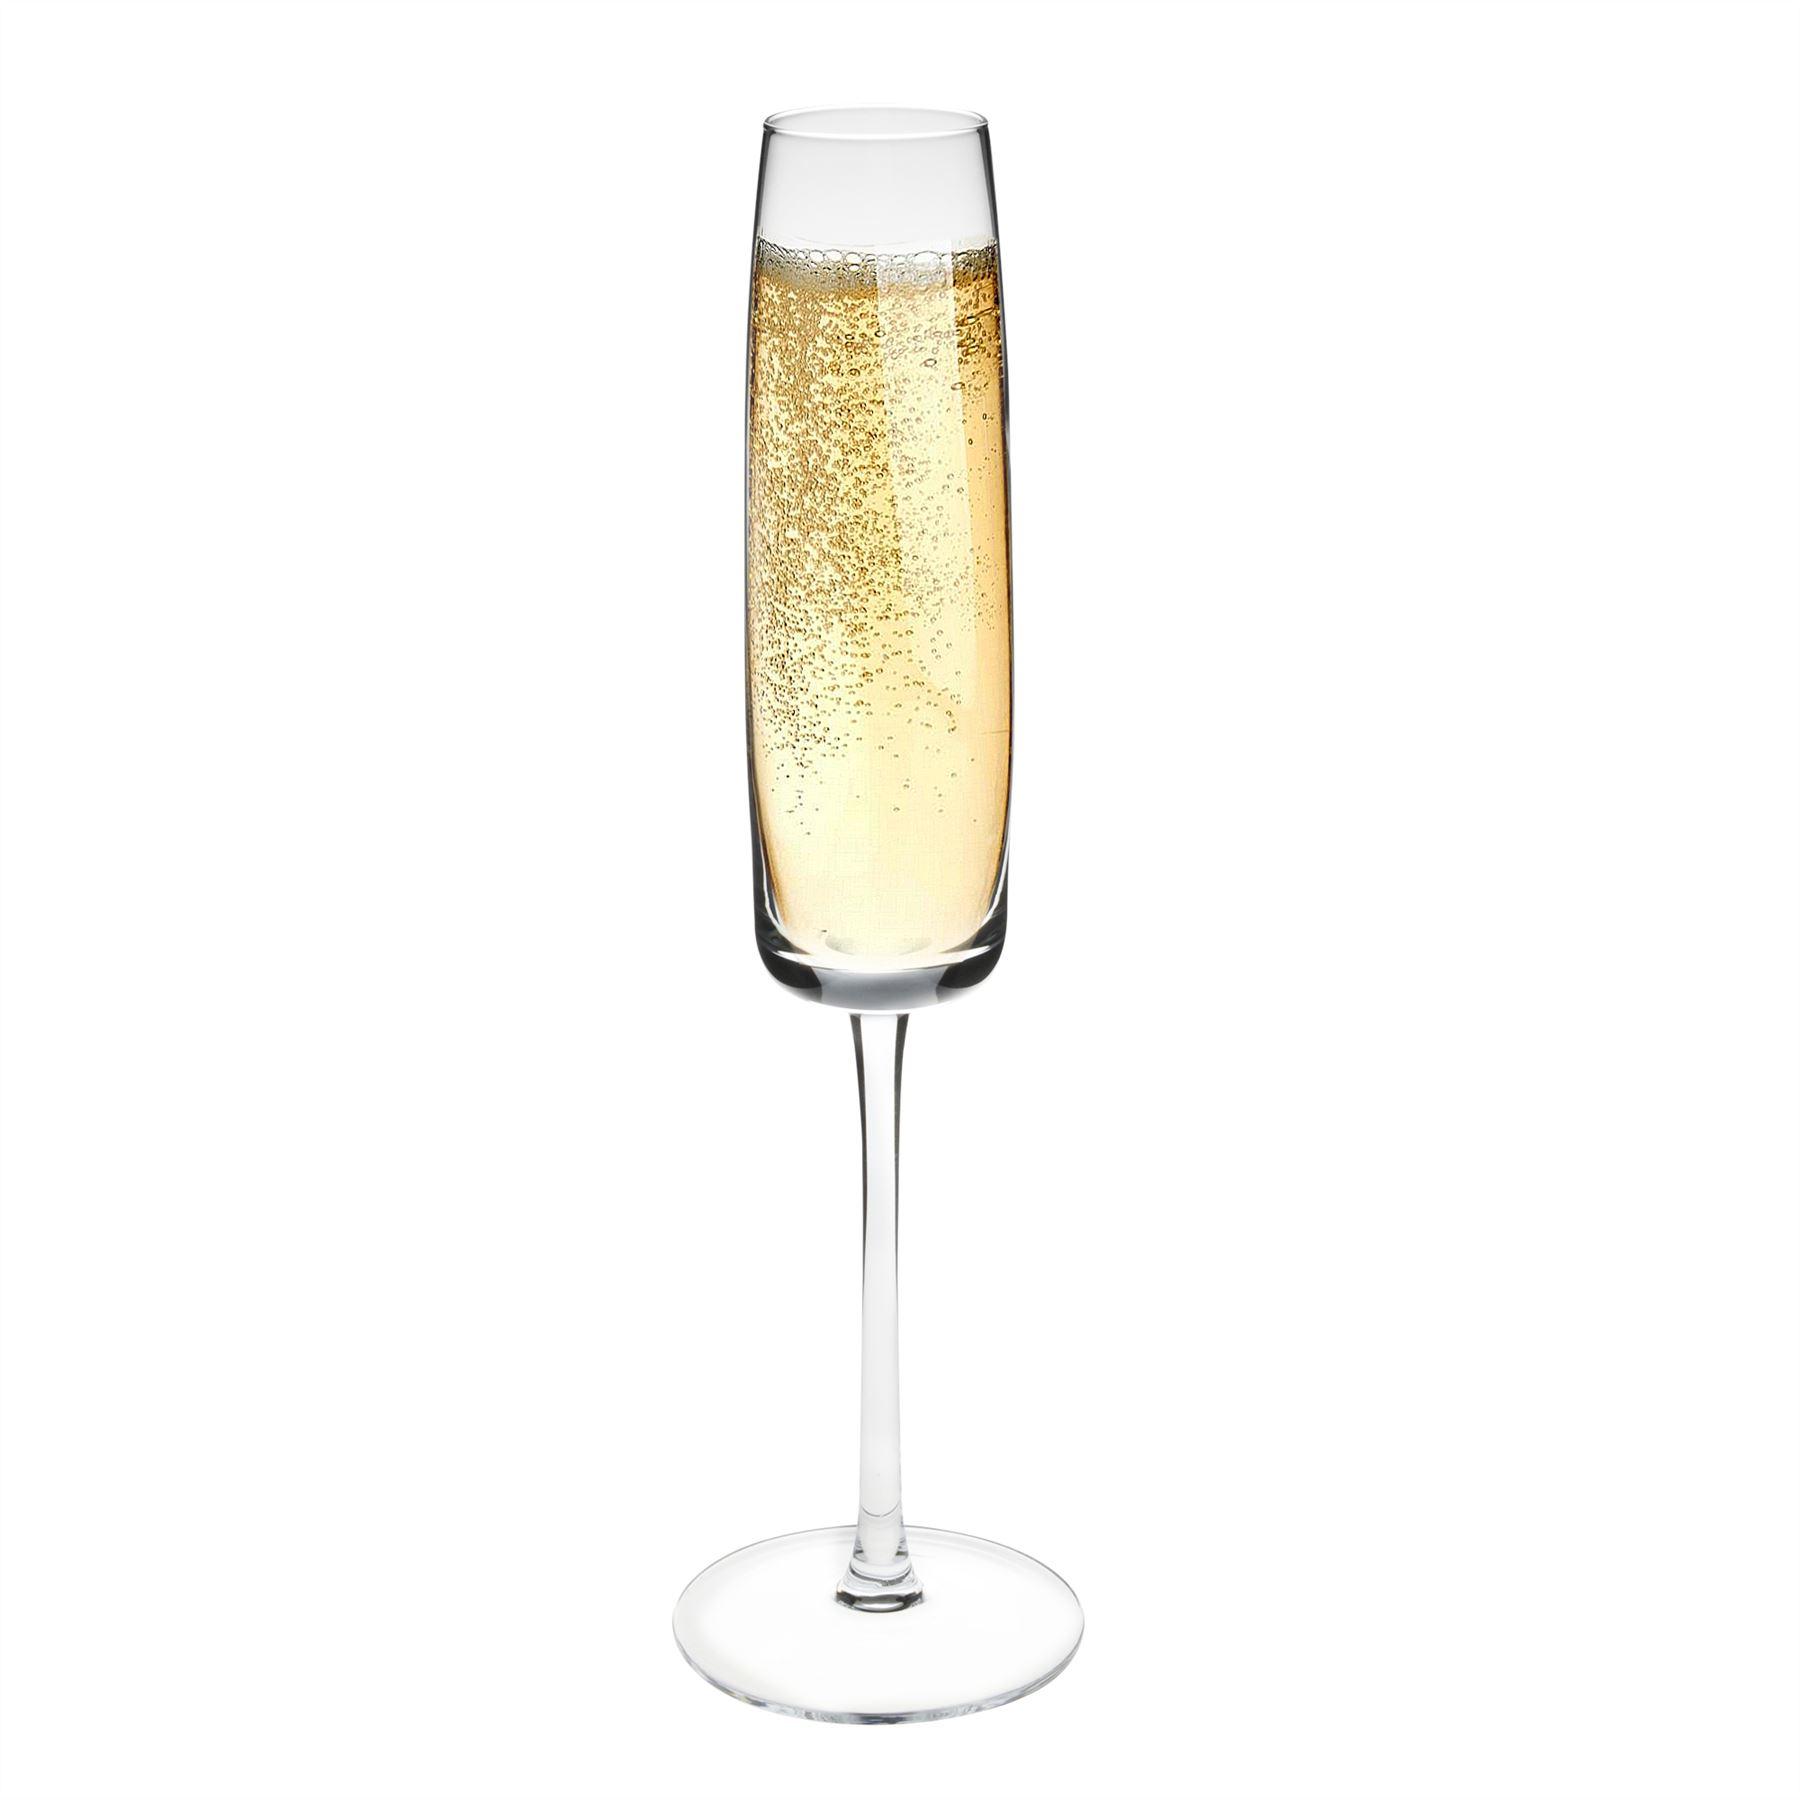 estilo champagne flute crystal drinking glasses box of 6. Black Bedroom Furniture Sets. Home Design Ideas